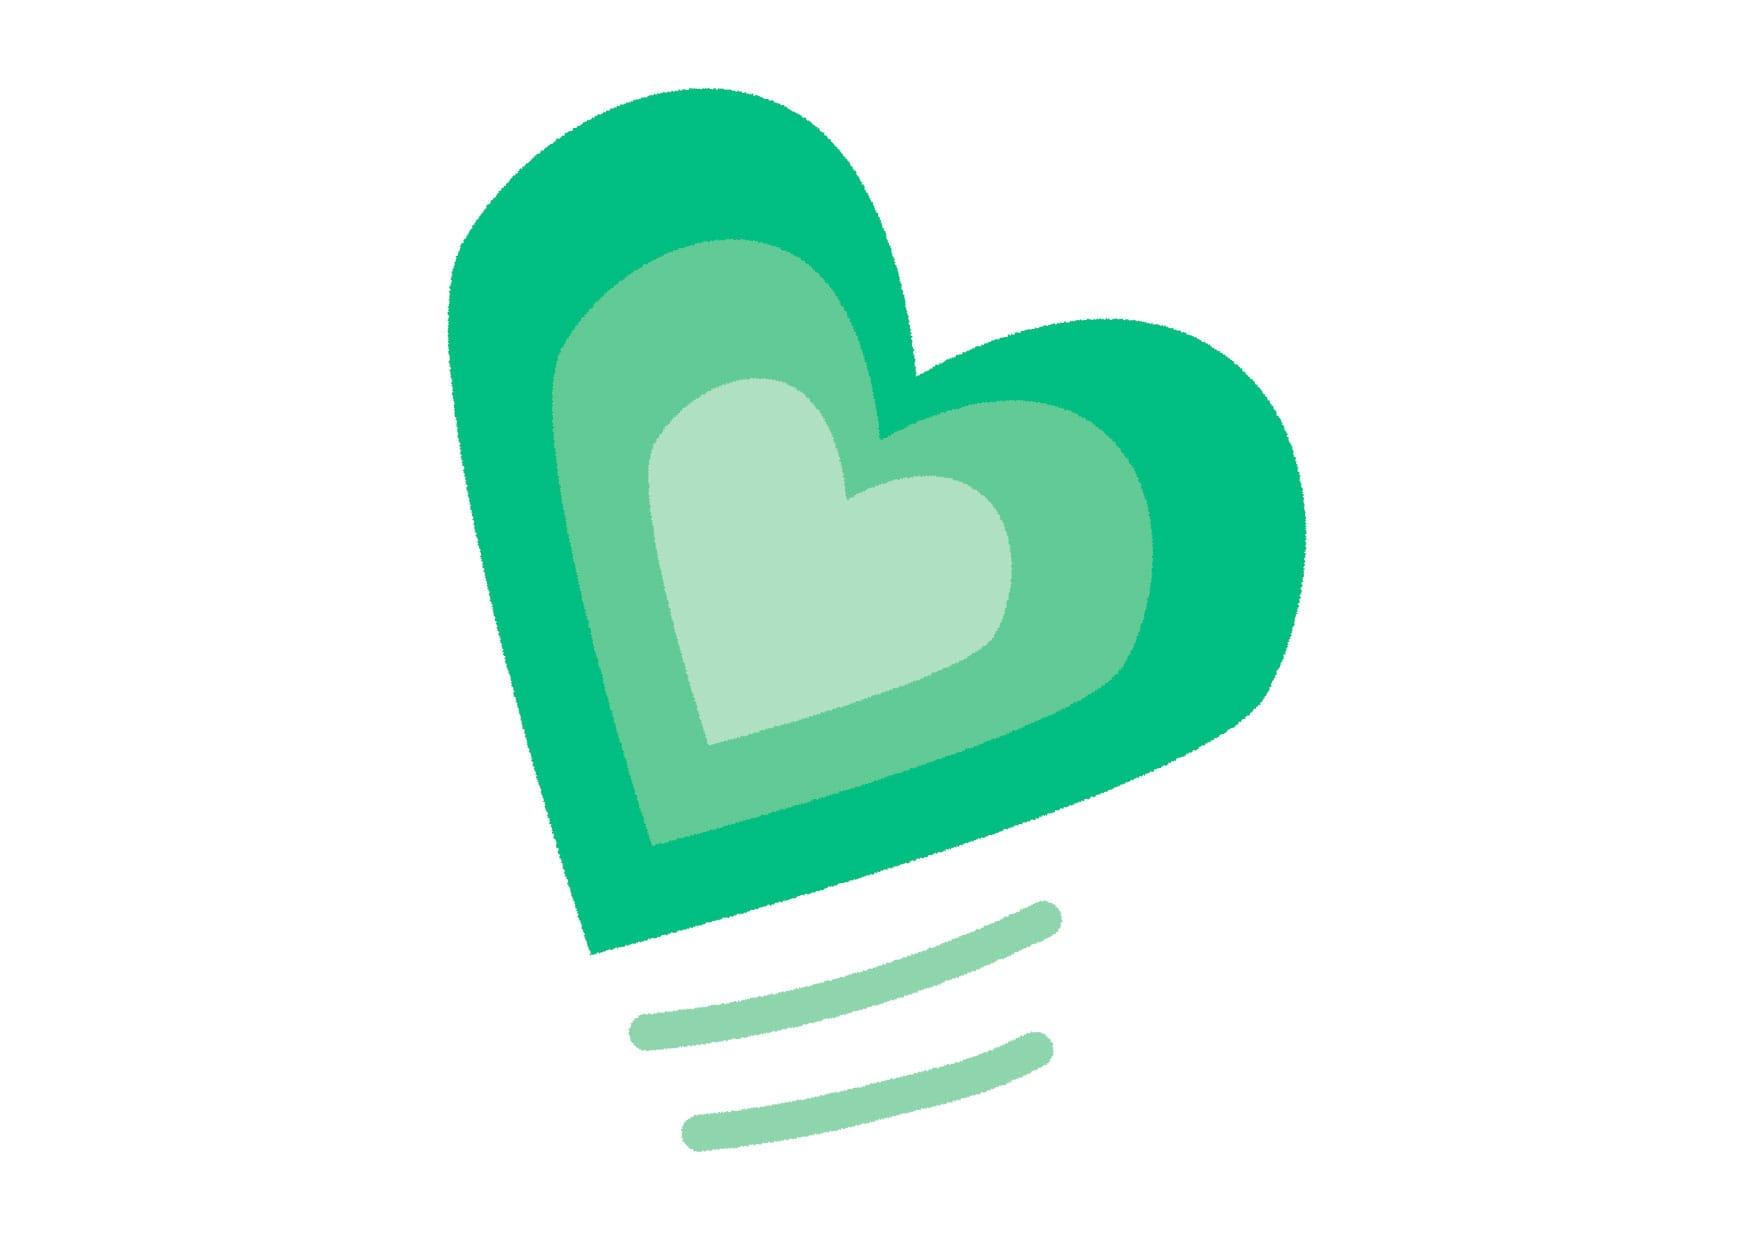 可愛いイラスト無料|グラデーション ハート 緑色 − free illustration  Gradient heart green